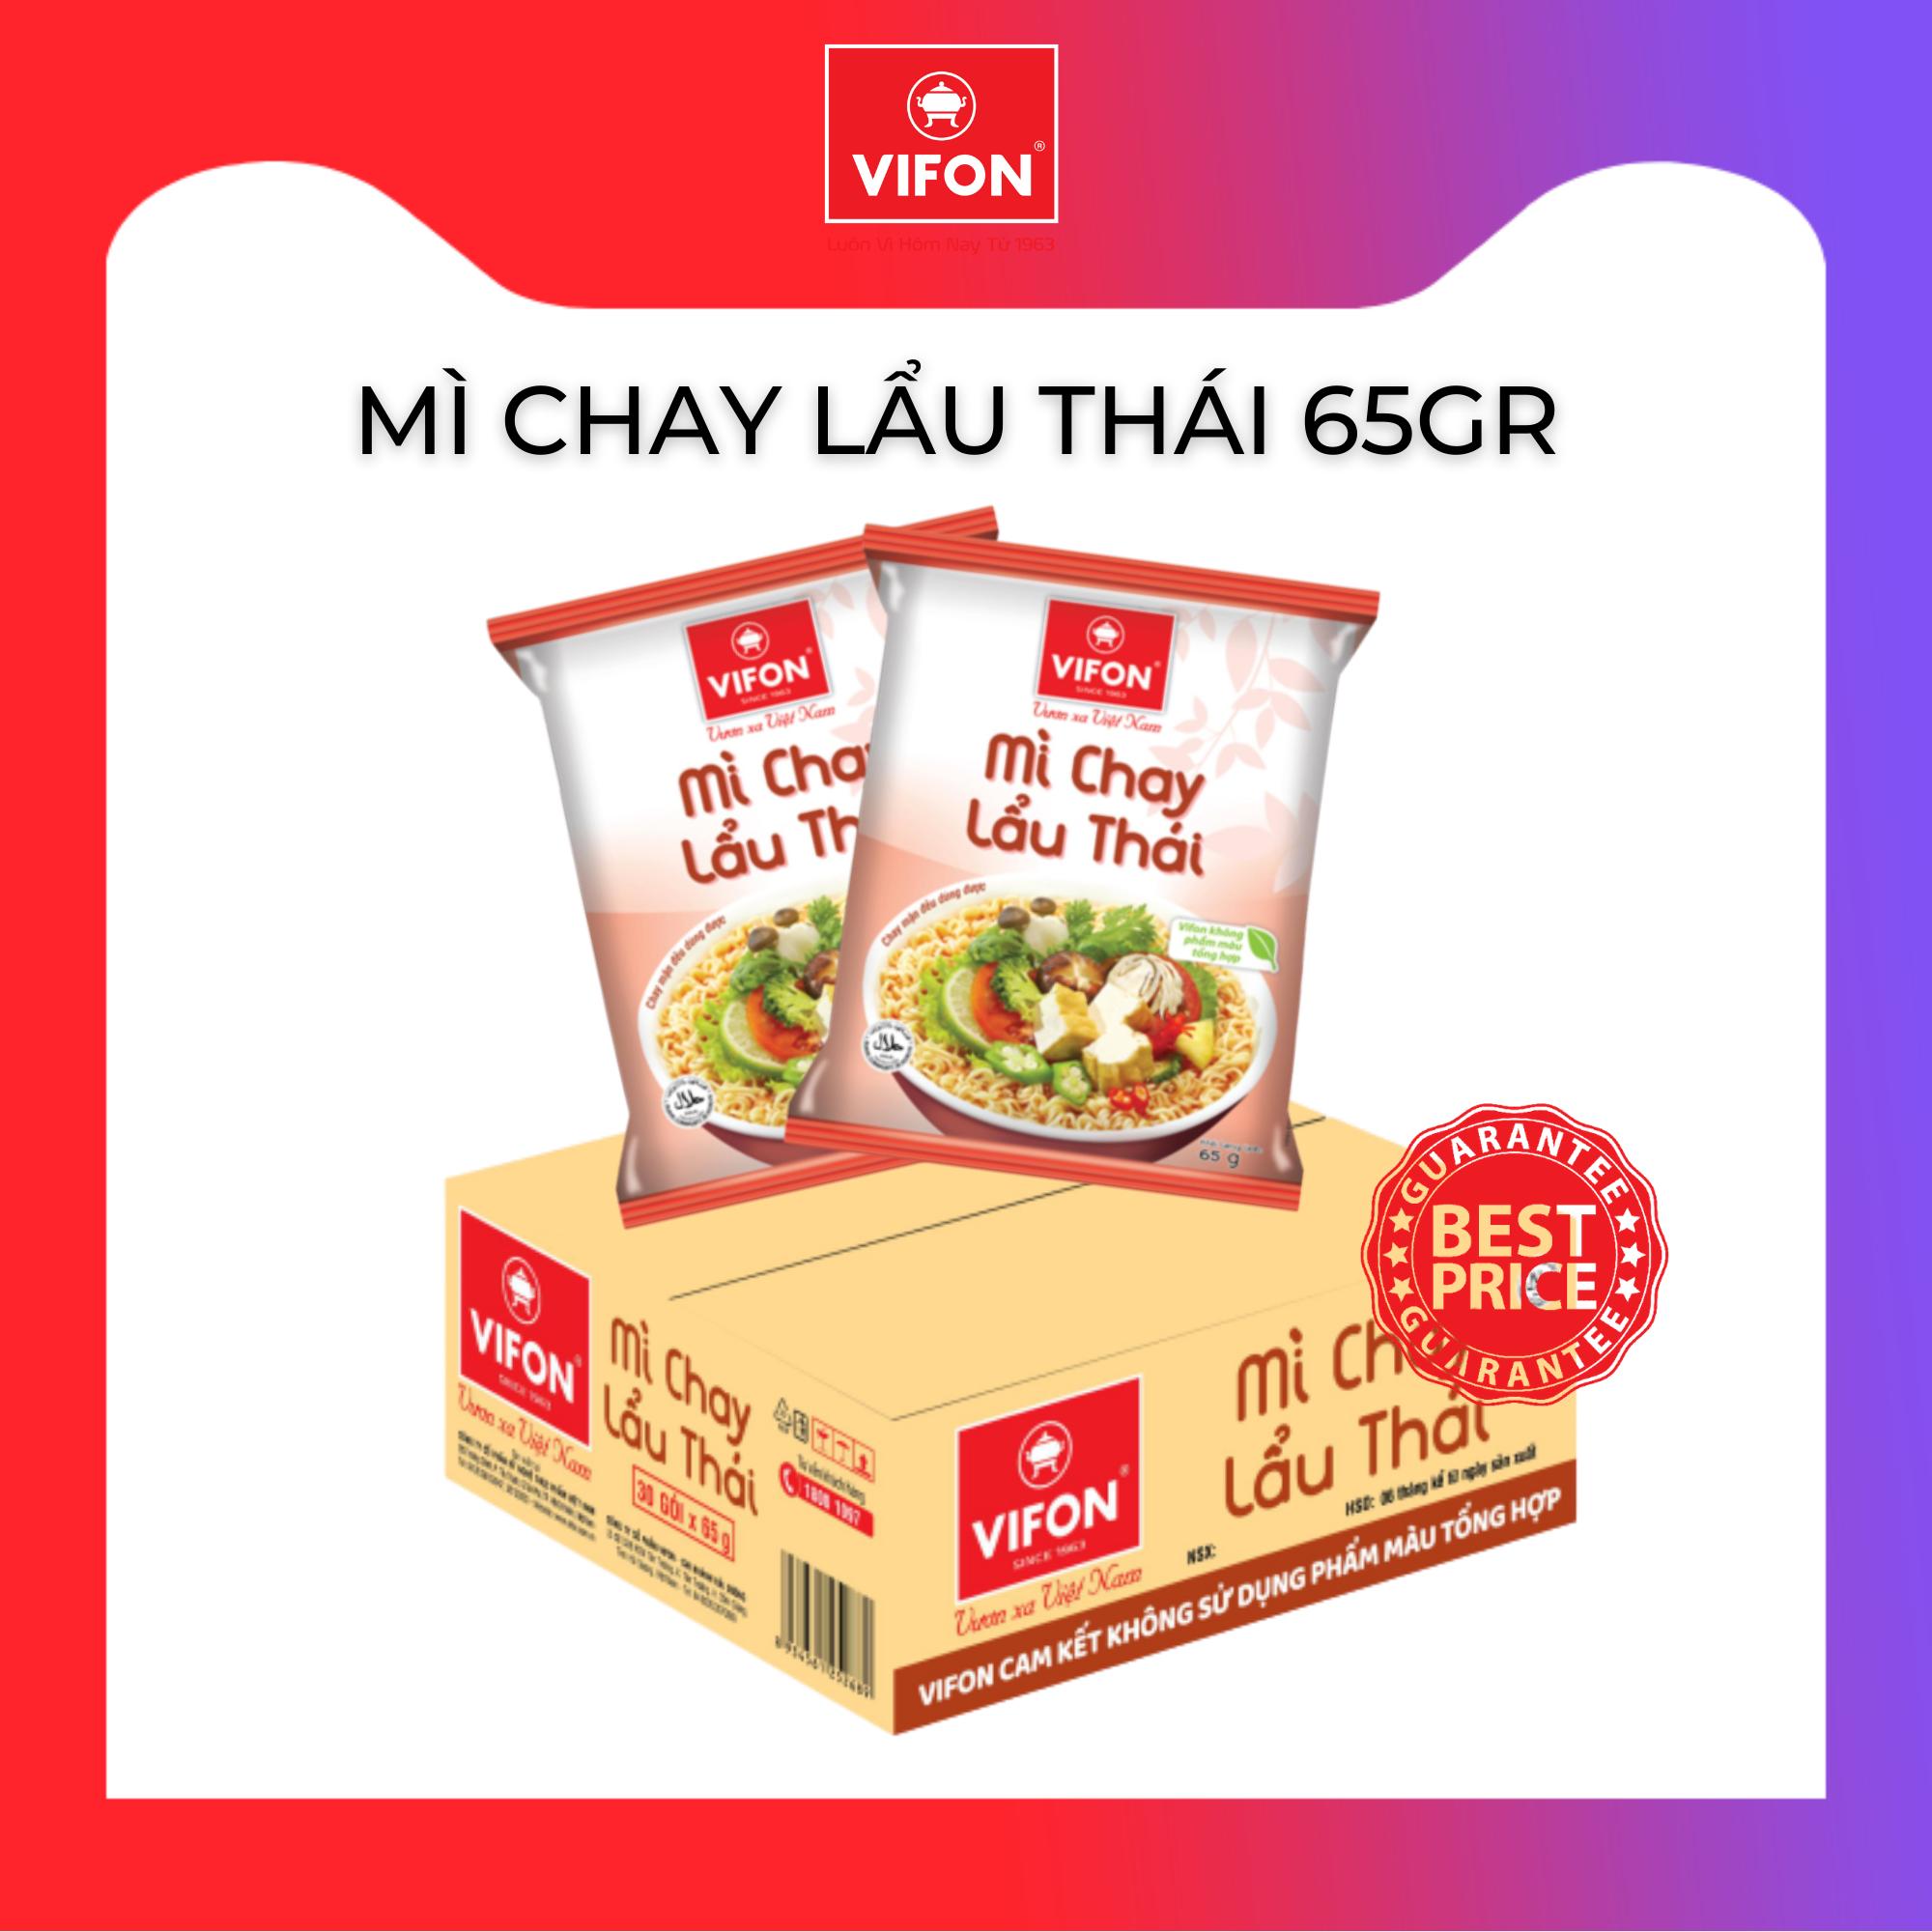 Thùng 30 Gói Mì Chay Lẩu Thái VIFON 65g